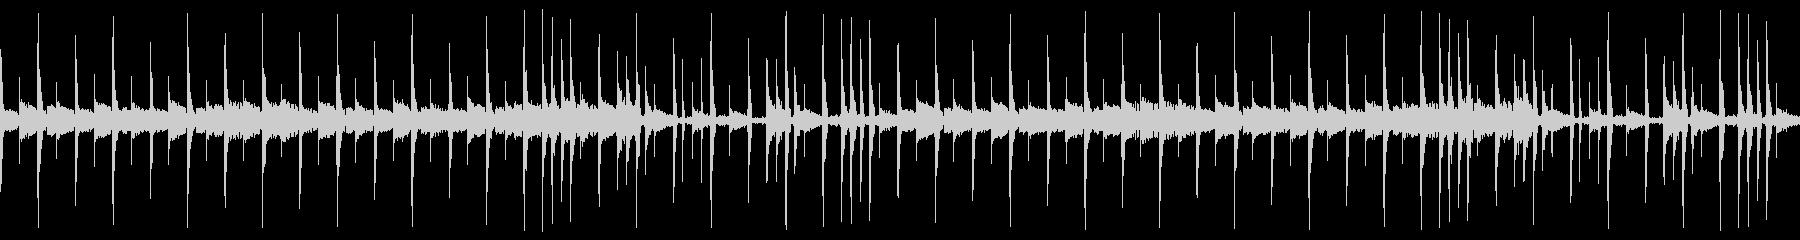 FM音源とリズムのループの未再生の波形